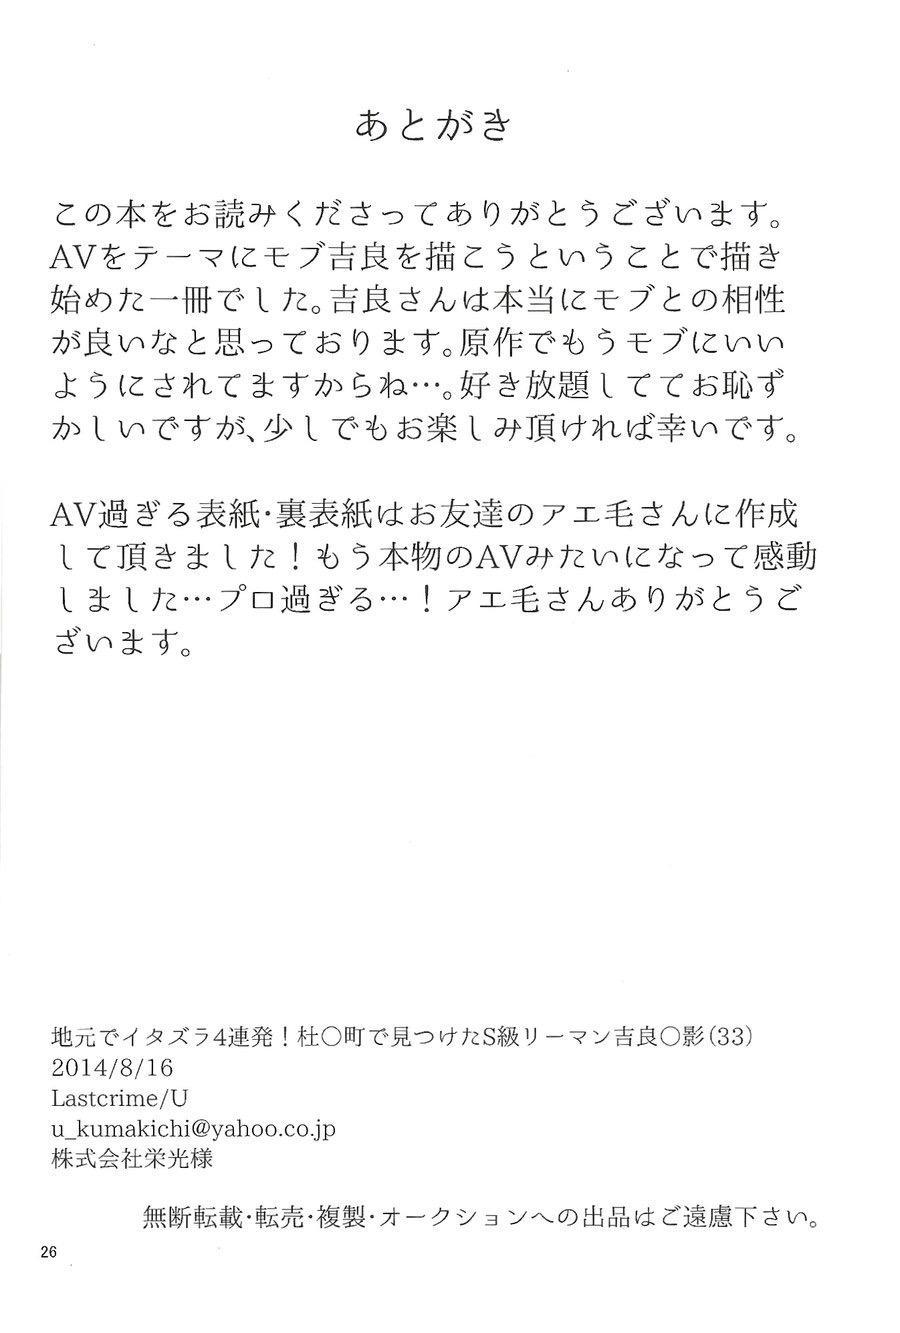 (C86) [Last Crime (U)] Jimoto de Itazura 4-renpatsu! Mori○chou de Mitsuketa S-kyuu Ryman Kira Yoshikage (33) (JoJo's Bizarre Adventure) [Chinese] [新桥月白日语社] 24